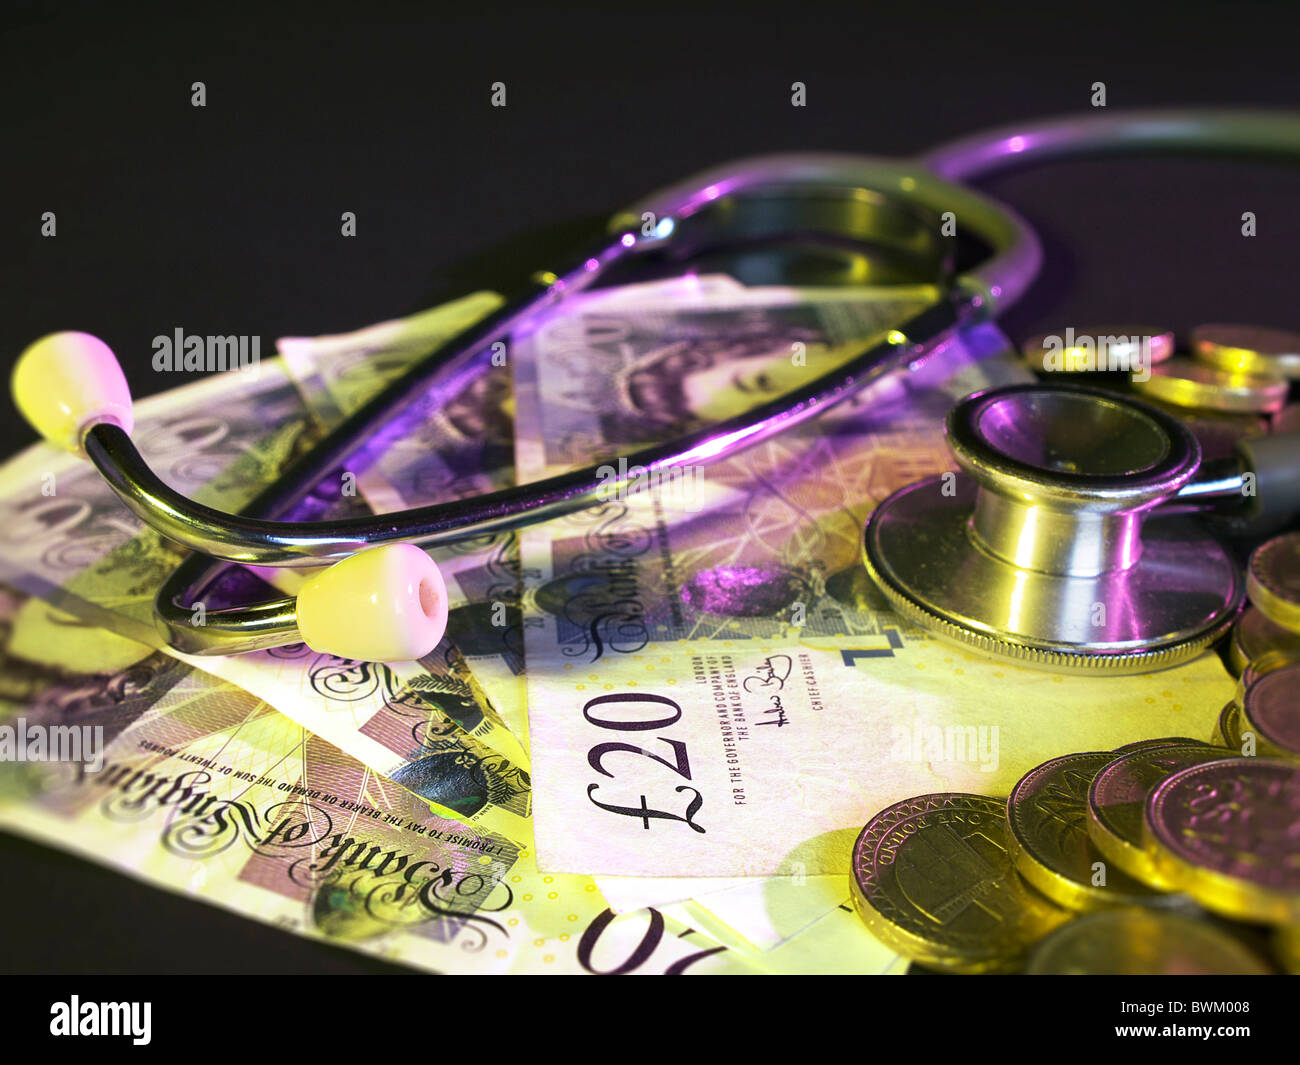 British Pound monedas apiladas en el fondo sobre un lecho de 20 libras con un estetoscopio notas Foto de stock